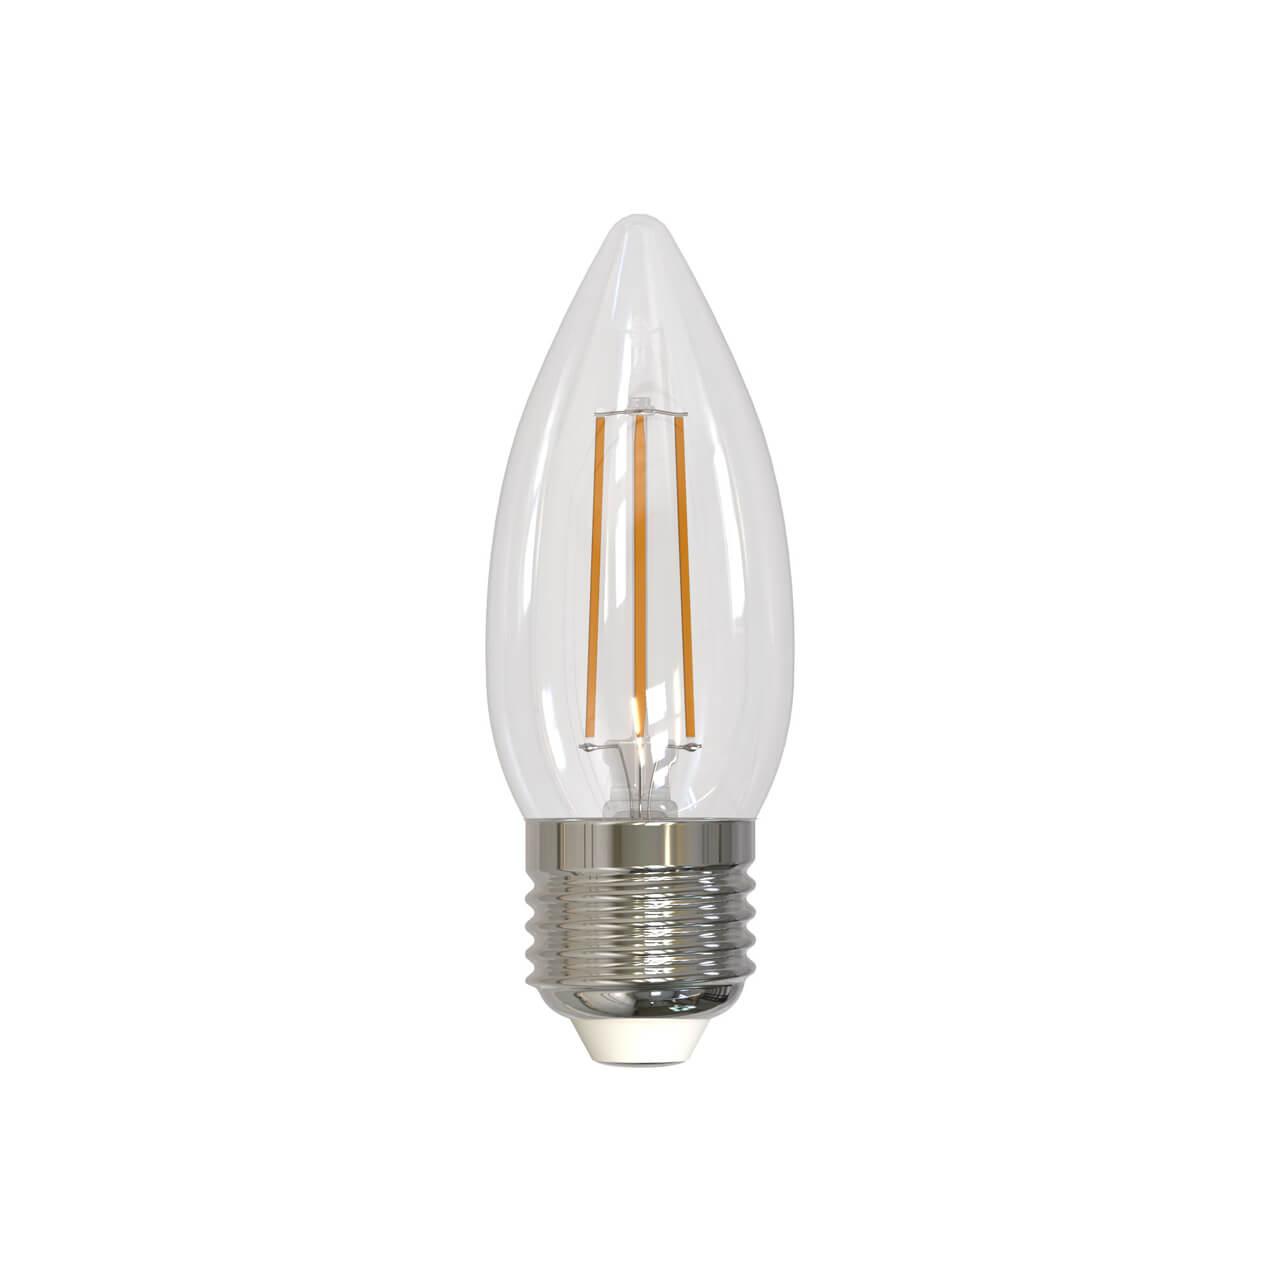 Фото - Лампочка Uniel LED-C35-11W/3000K/E27/CL PLS02WH LED-C35 лампочка uniel led g45 13w 3000k e27 cl pls02wh sky